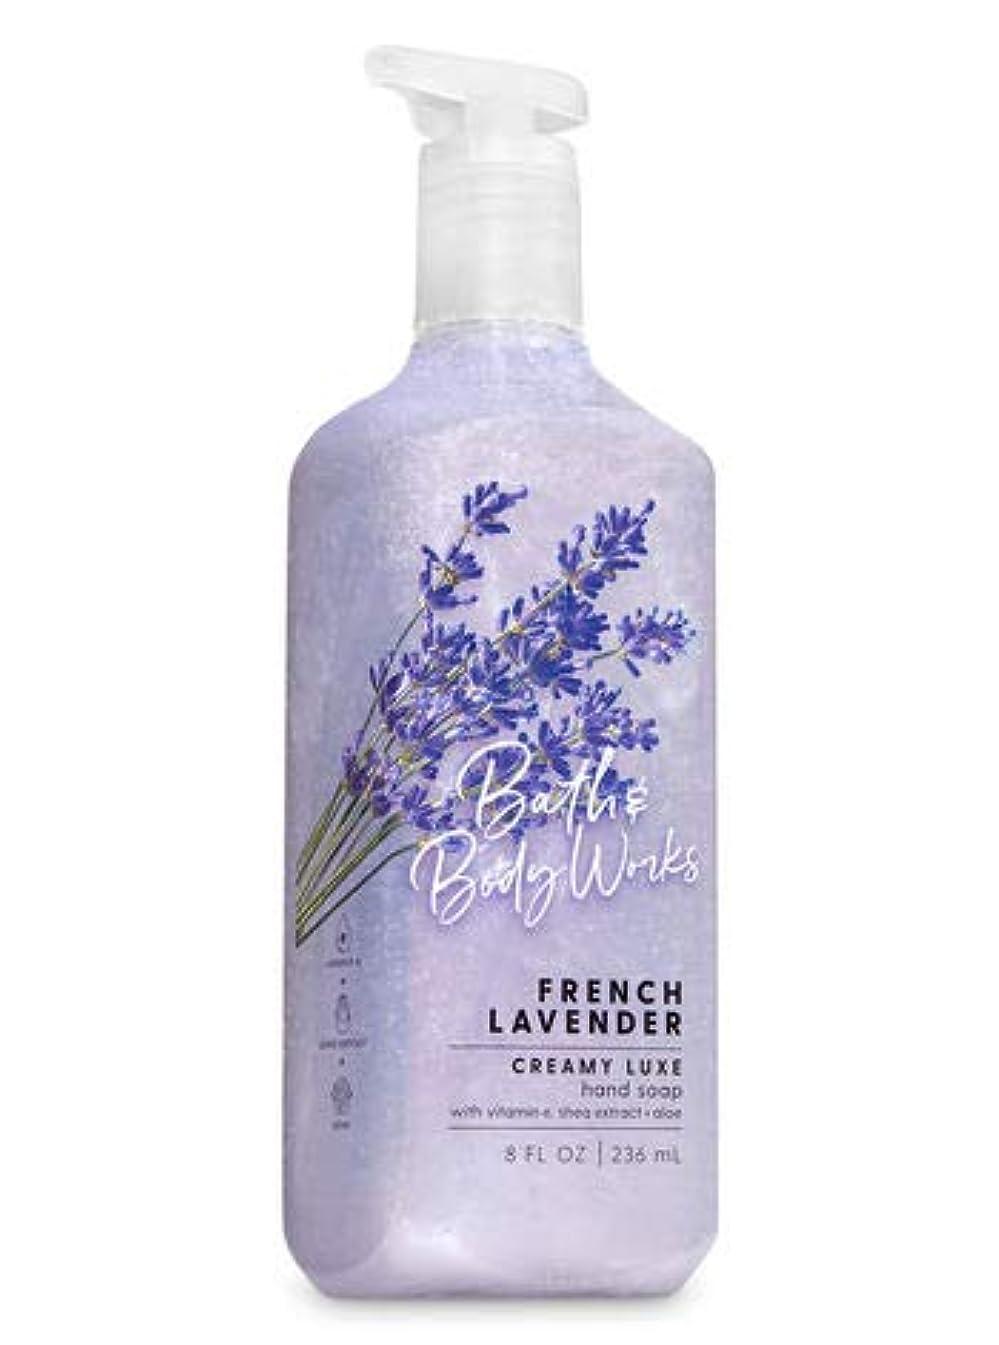 災害考案する音声学バス&ボディワークス フレンチラベンダー クリーミーハンドソープ French Lavender Creamy Luxe Hand Soap With Vitamine E Shea Extract + Aloe